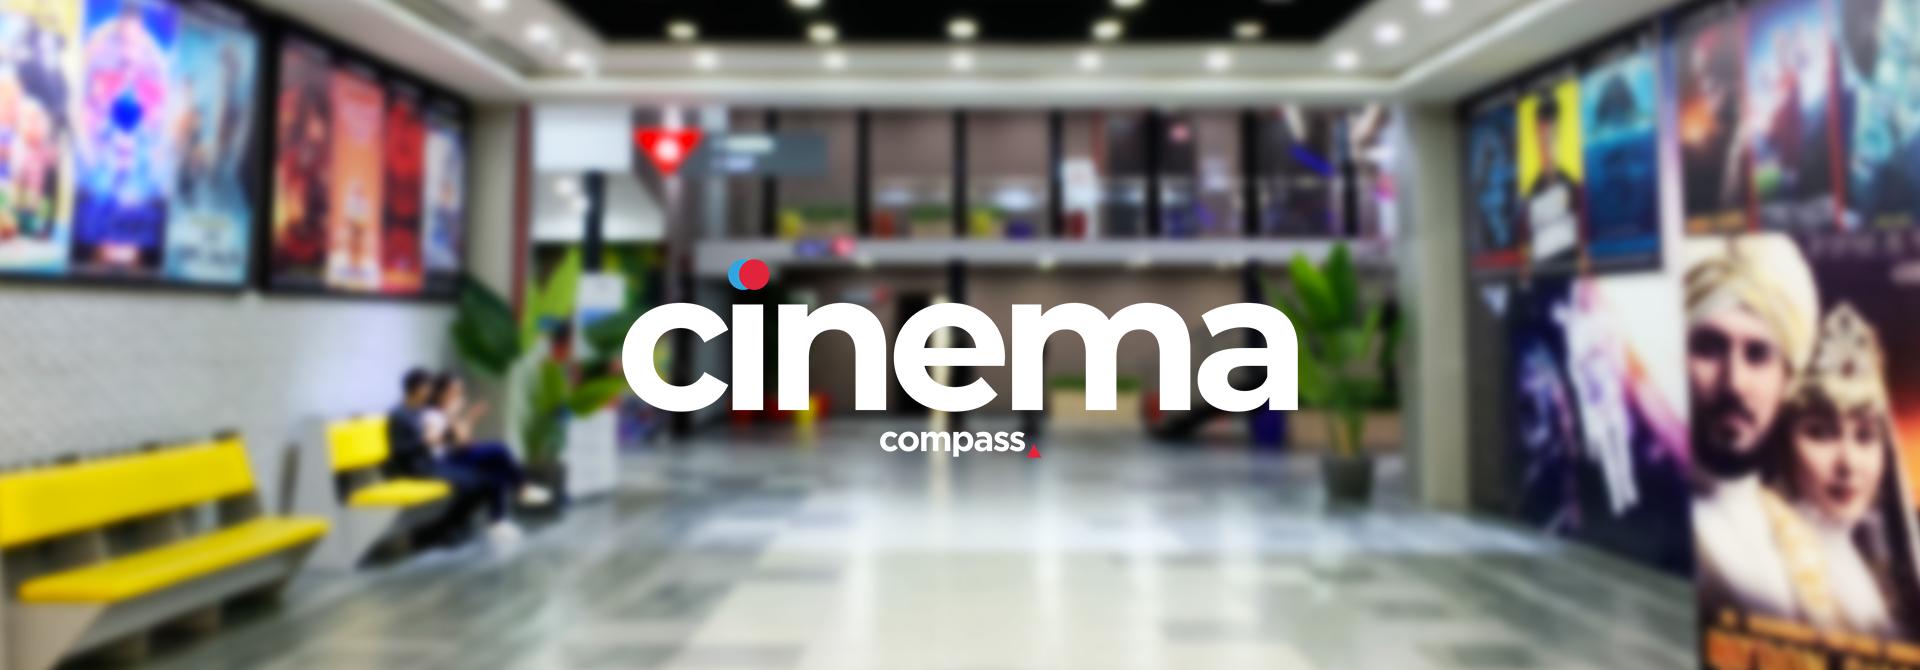 Compass Cinema